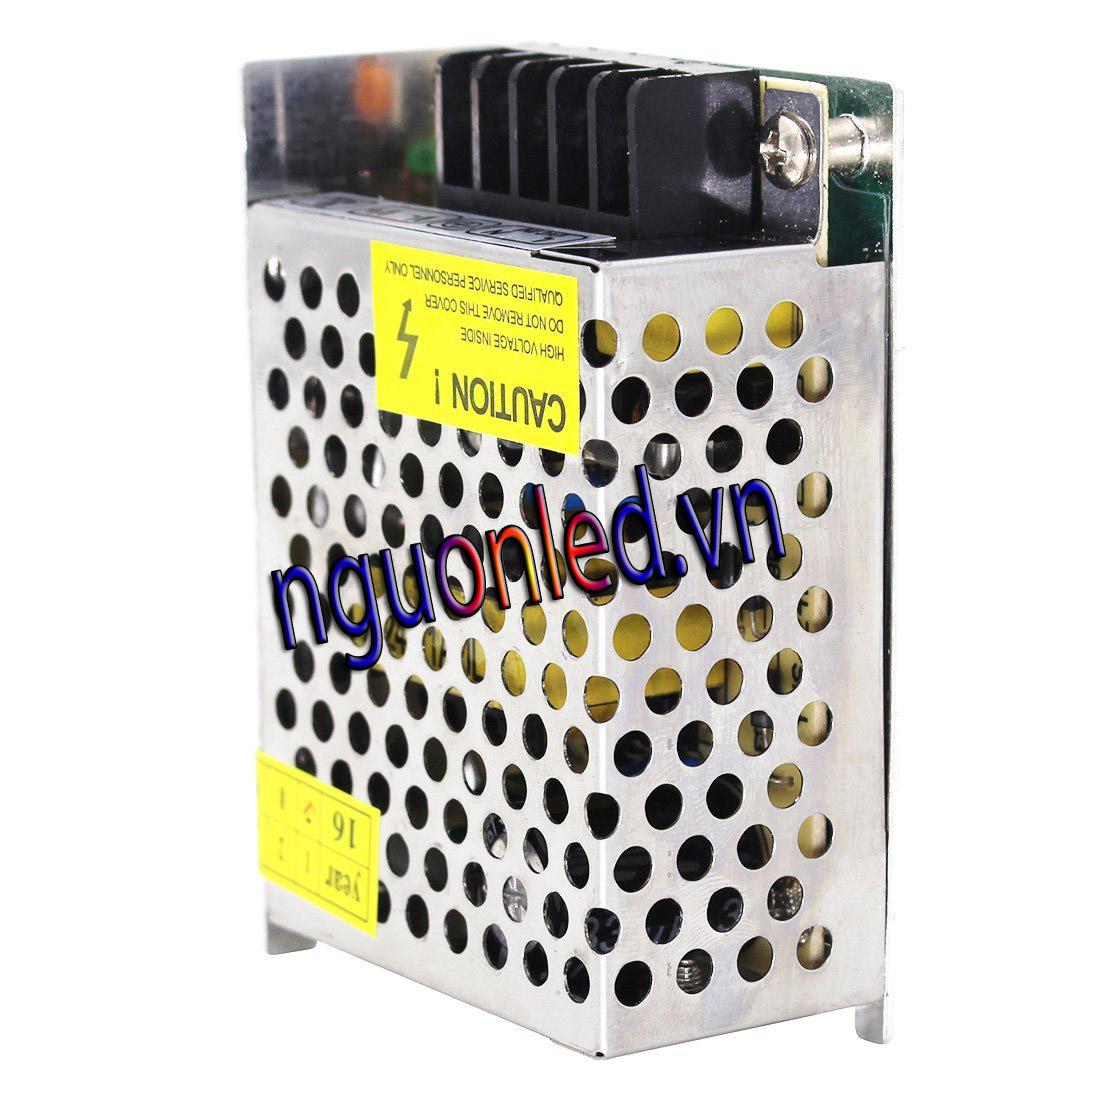 Nguồn tổ ong 24V 1A loại tốt, giá rẻ. chất lượng, đủ ampe, bảo hành 1 năm, nguonled.vn